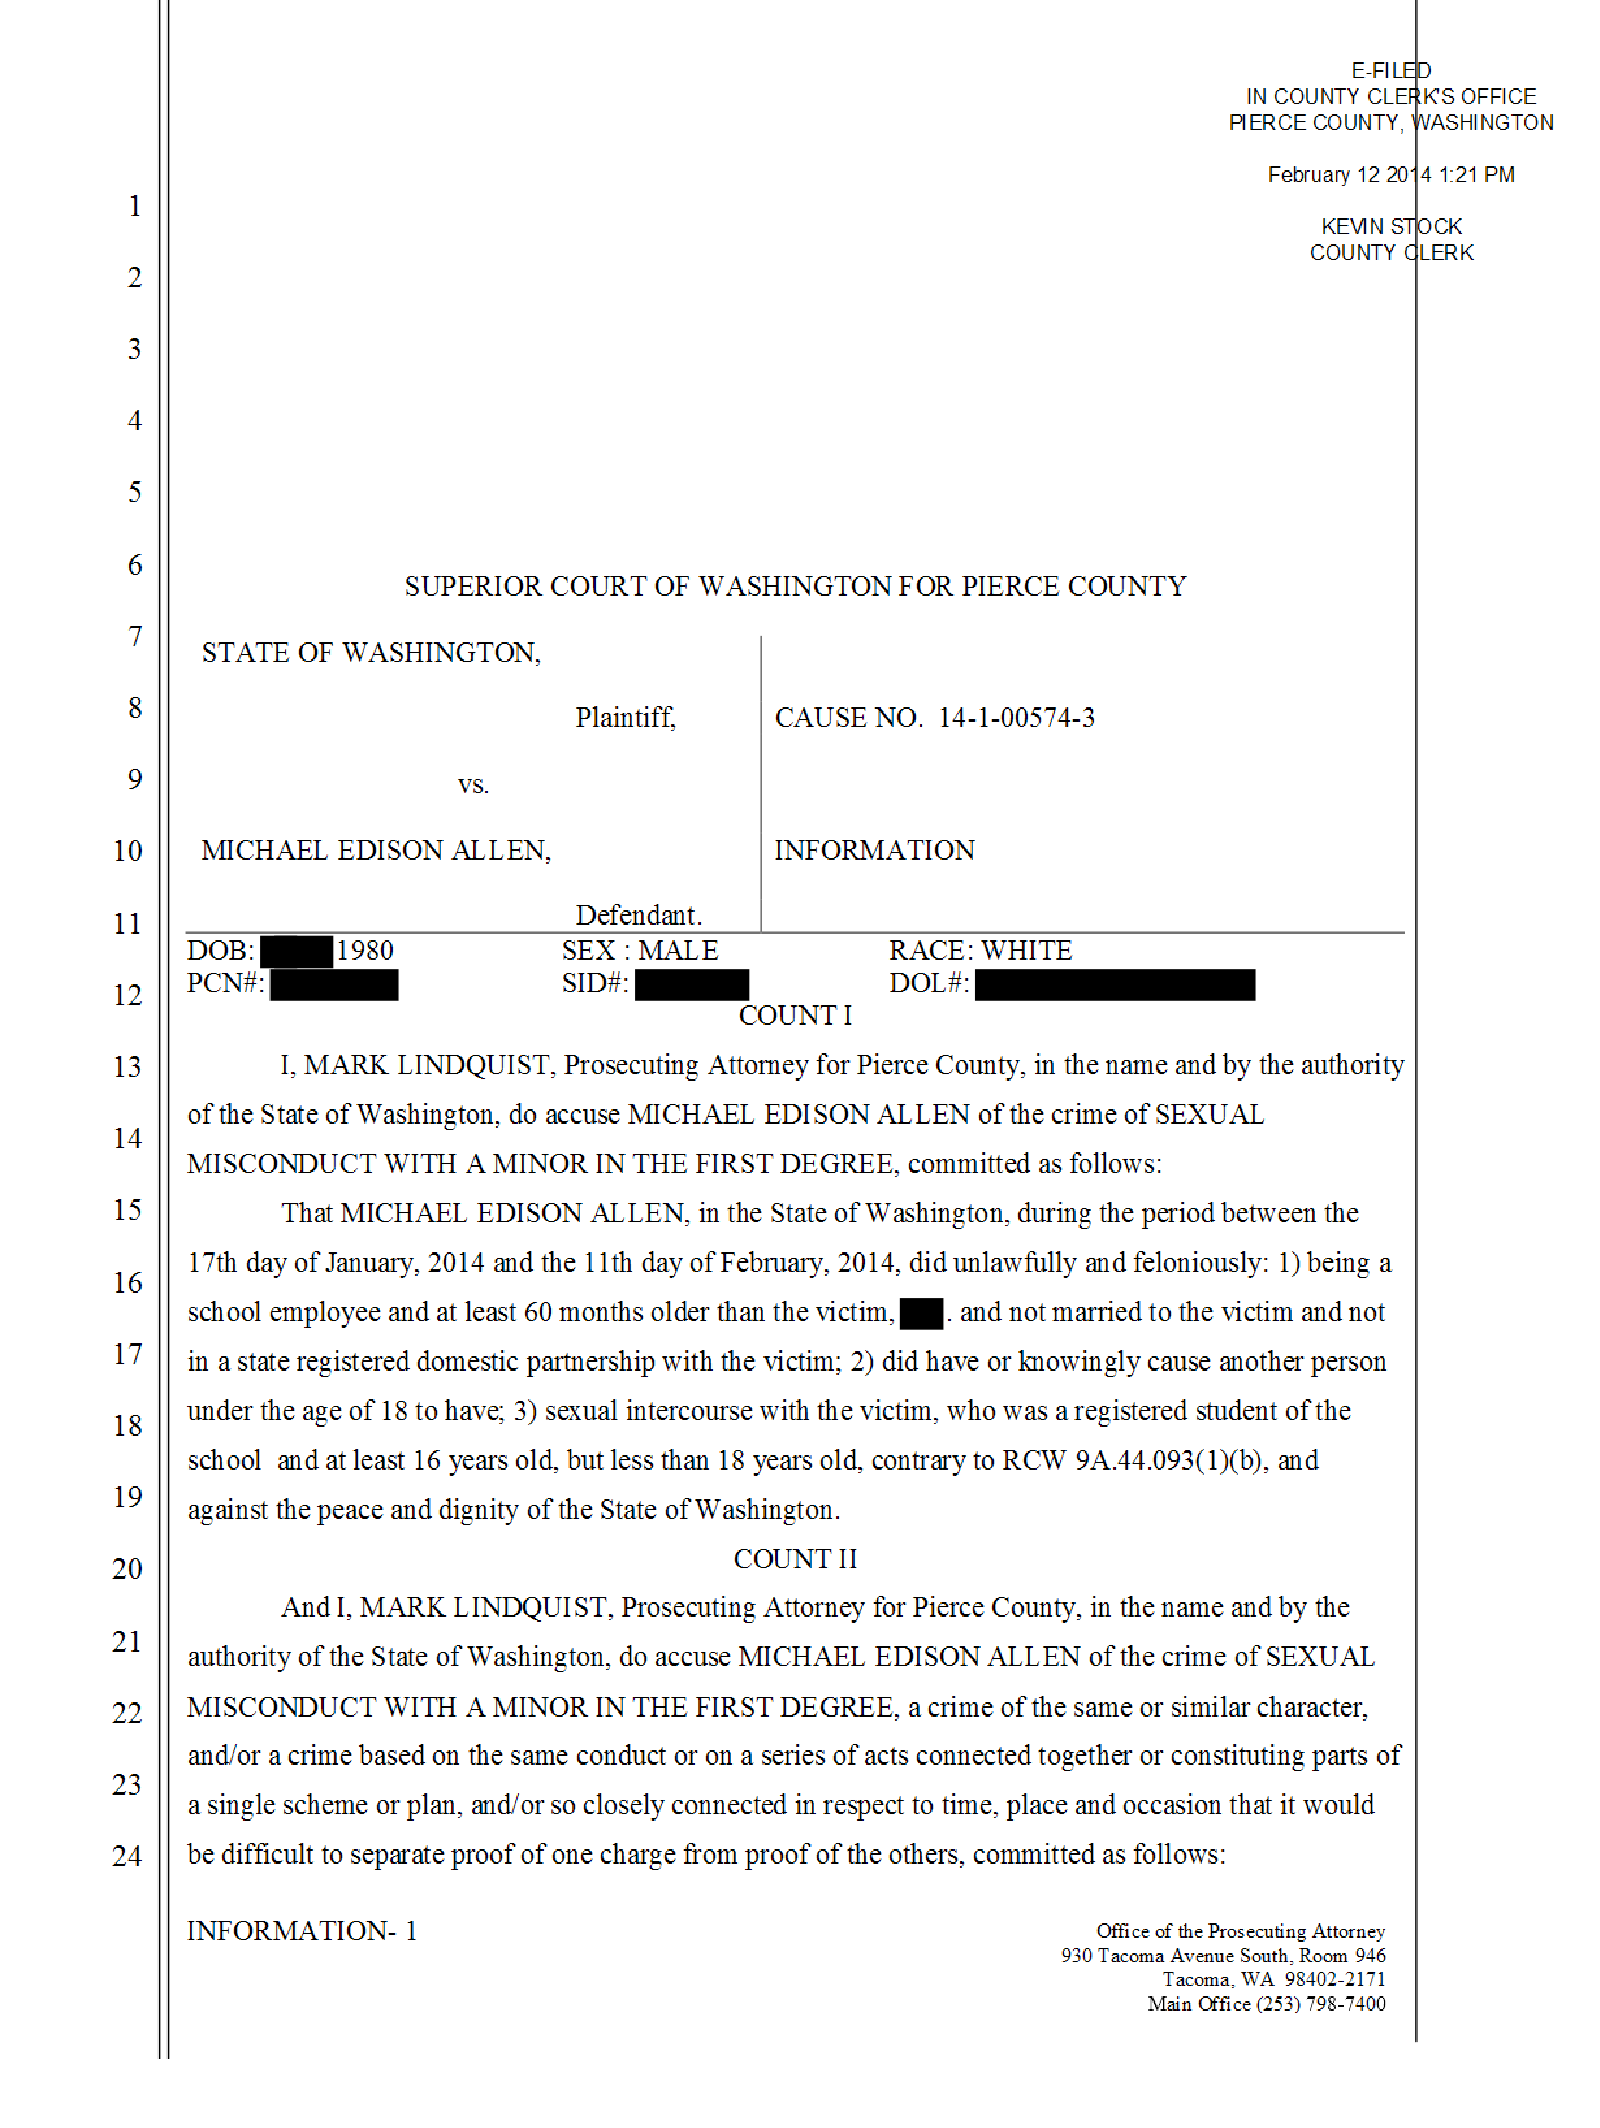 Copy of Allen Michael probable cause affidavit2.png